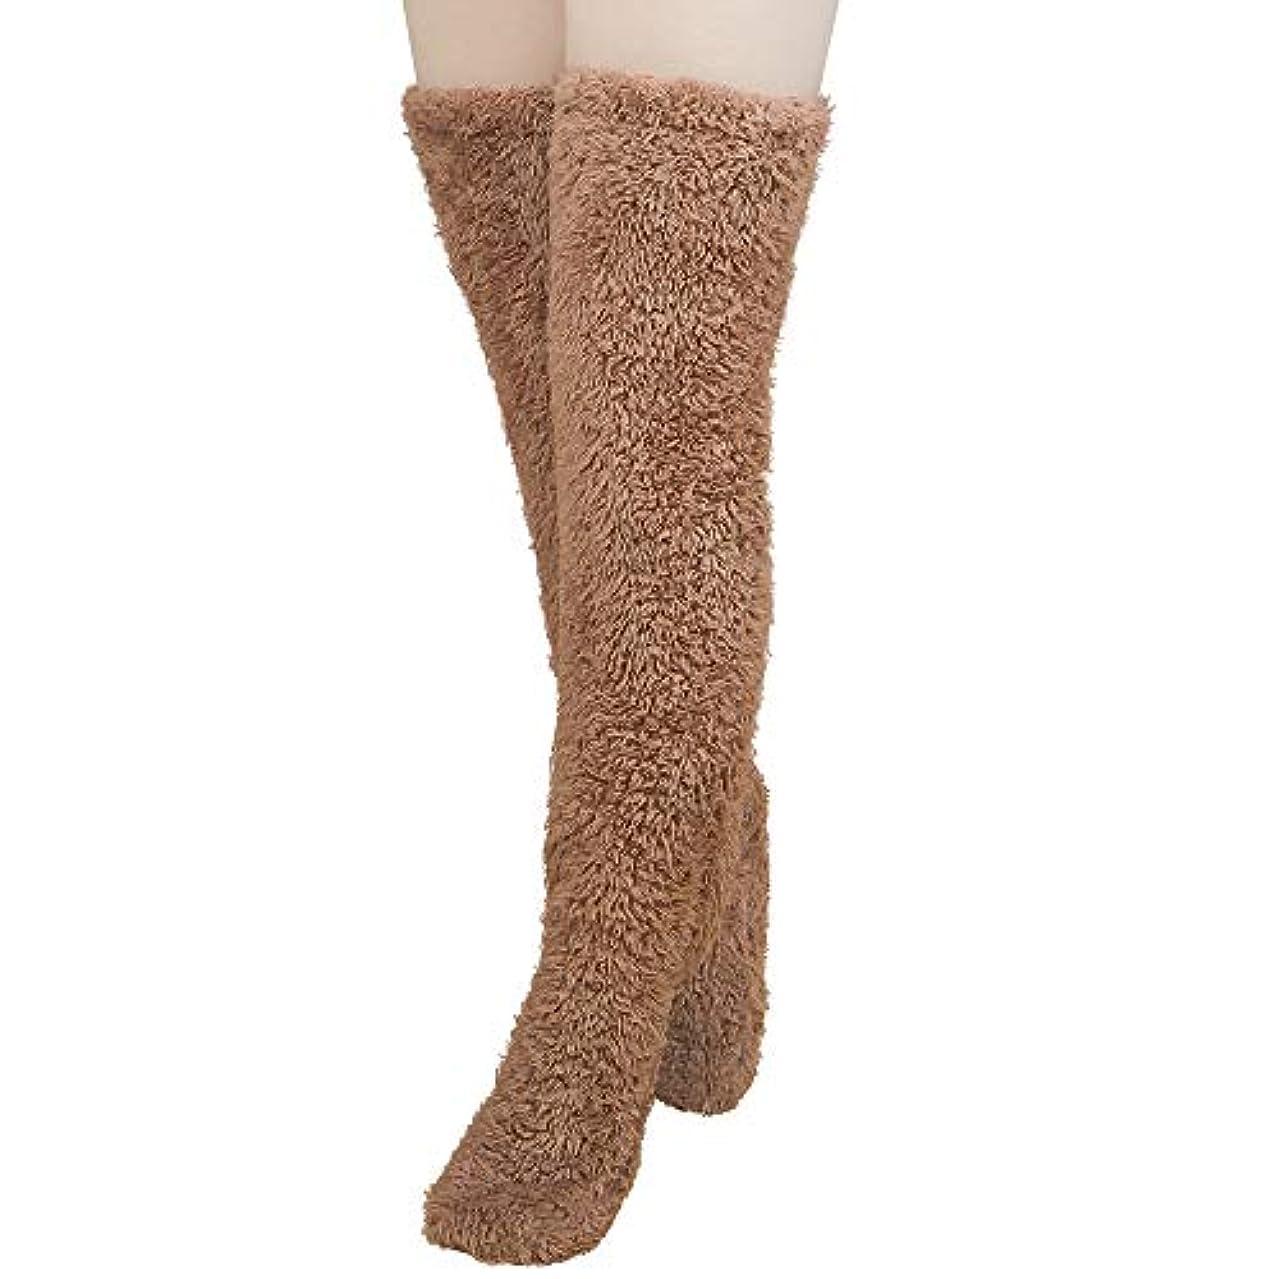 故意の有毒なリーフレットMiuko 足が出せるロングカバー 極暖 レッグウォーマー ふわふわ靴下 ロングソックス 冷えとり靴下 毛布ソックス 冷え対策 防寒ソックス あったか 超厚手 男女兼用